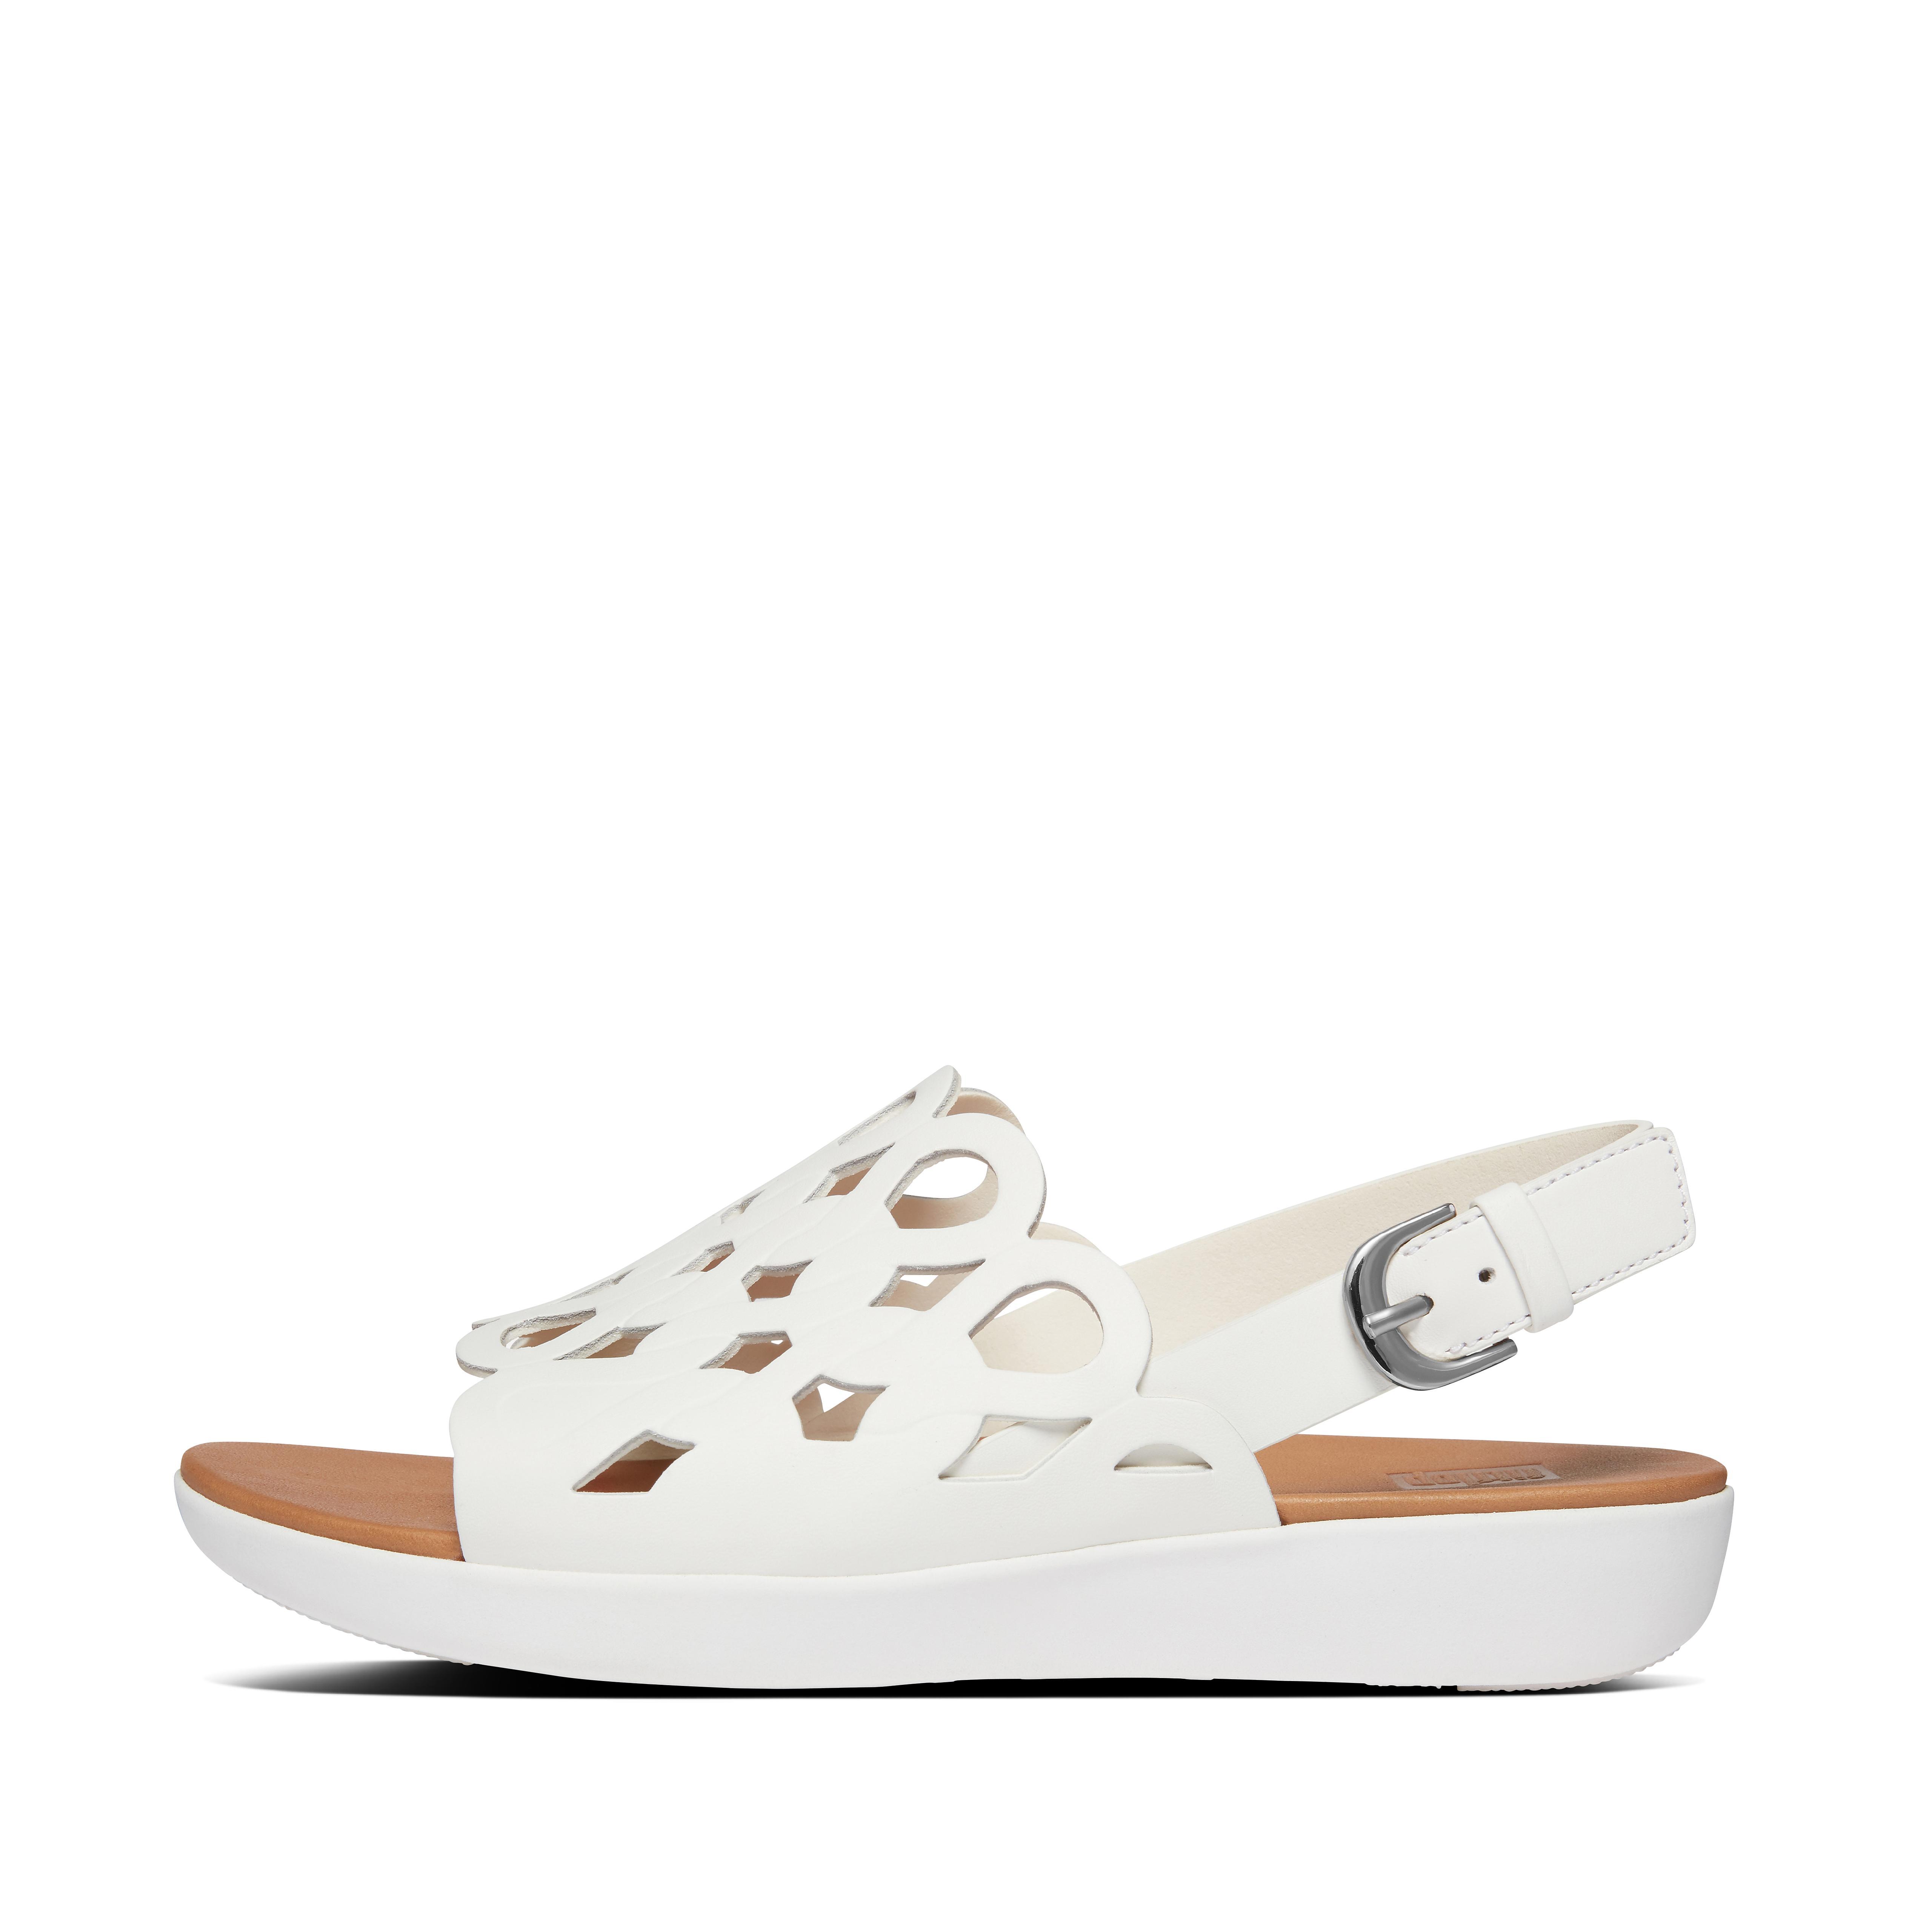 핏플랍 샌들 FitFlop Womens Elodie Leather Back-Strap-Sandals,Bright White